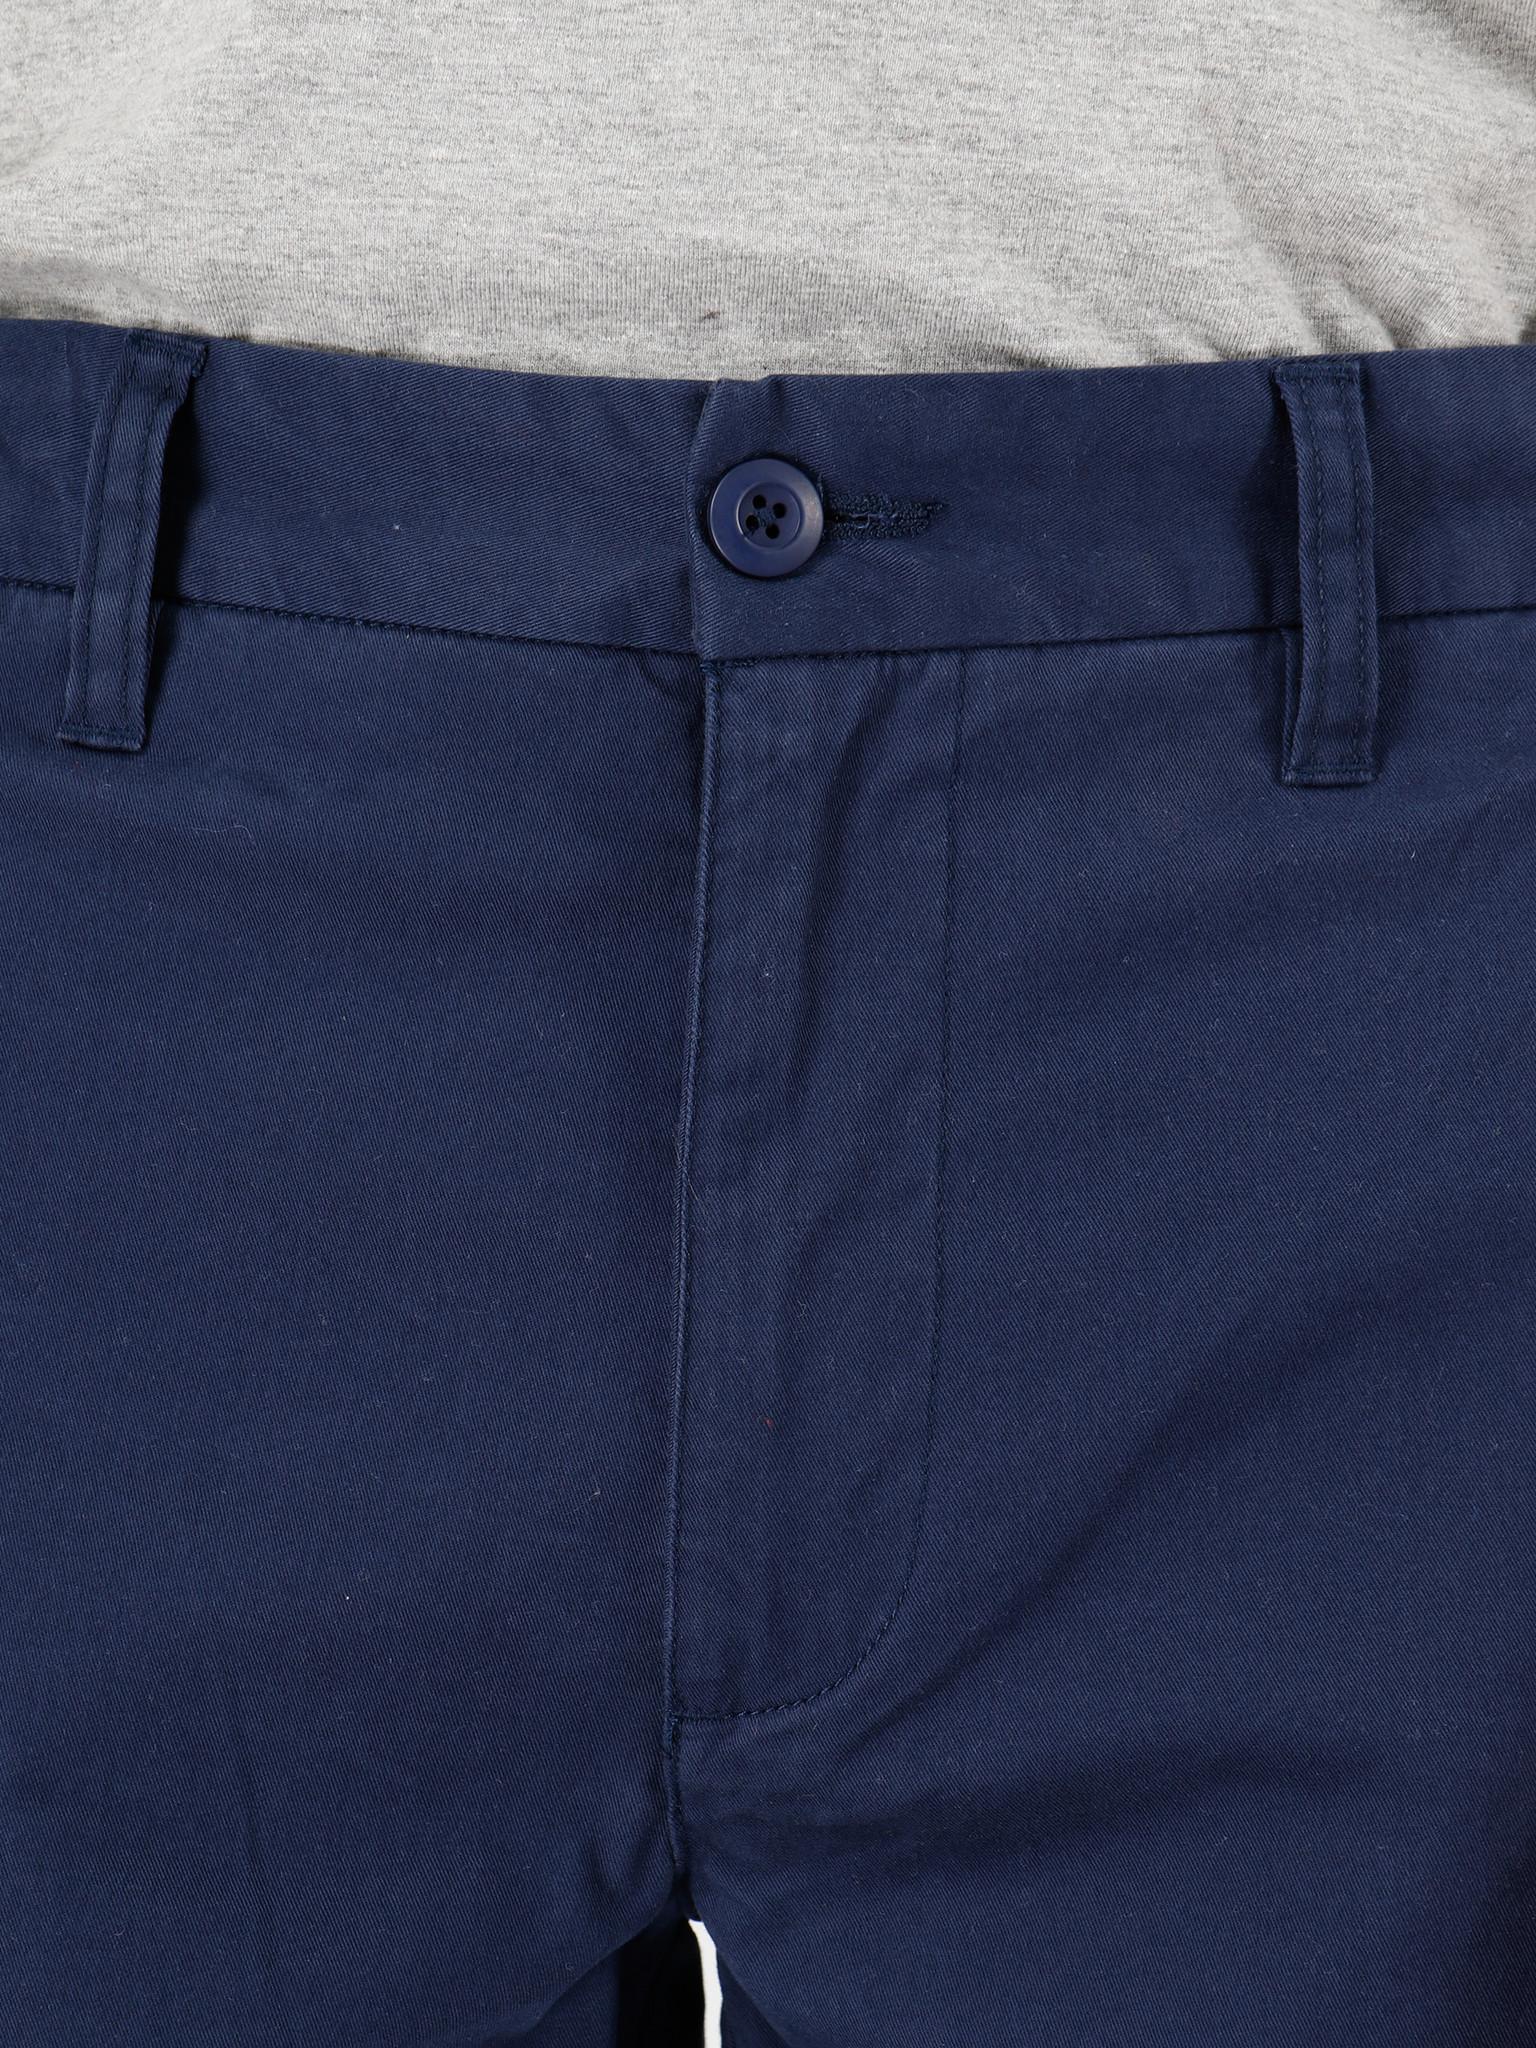 Quality Blanks Quality Blanks QB32 Chino Pant Navy